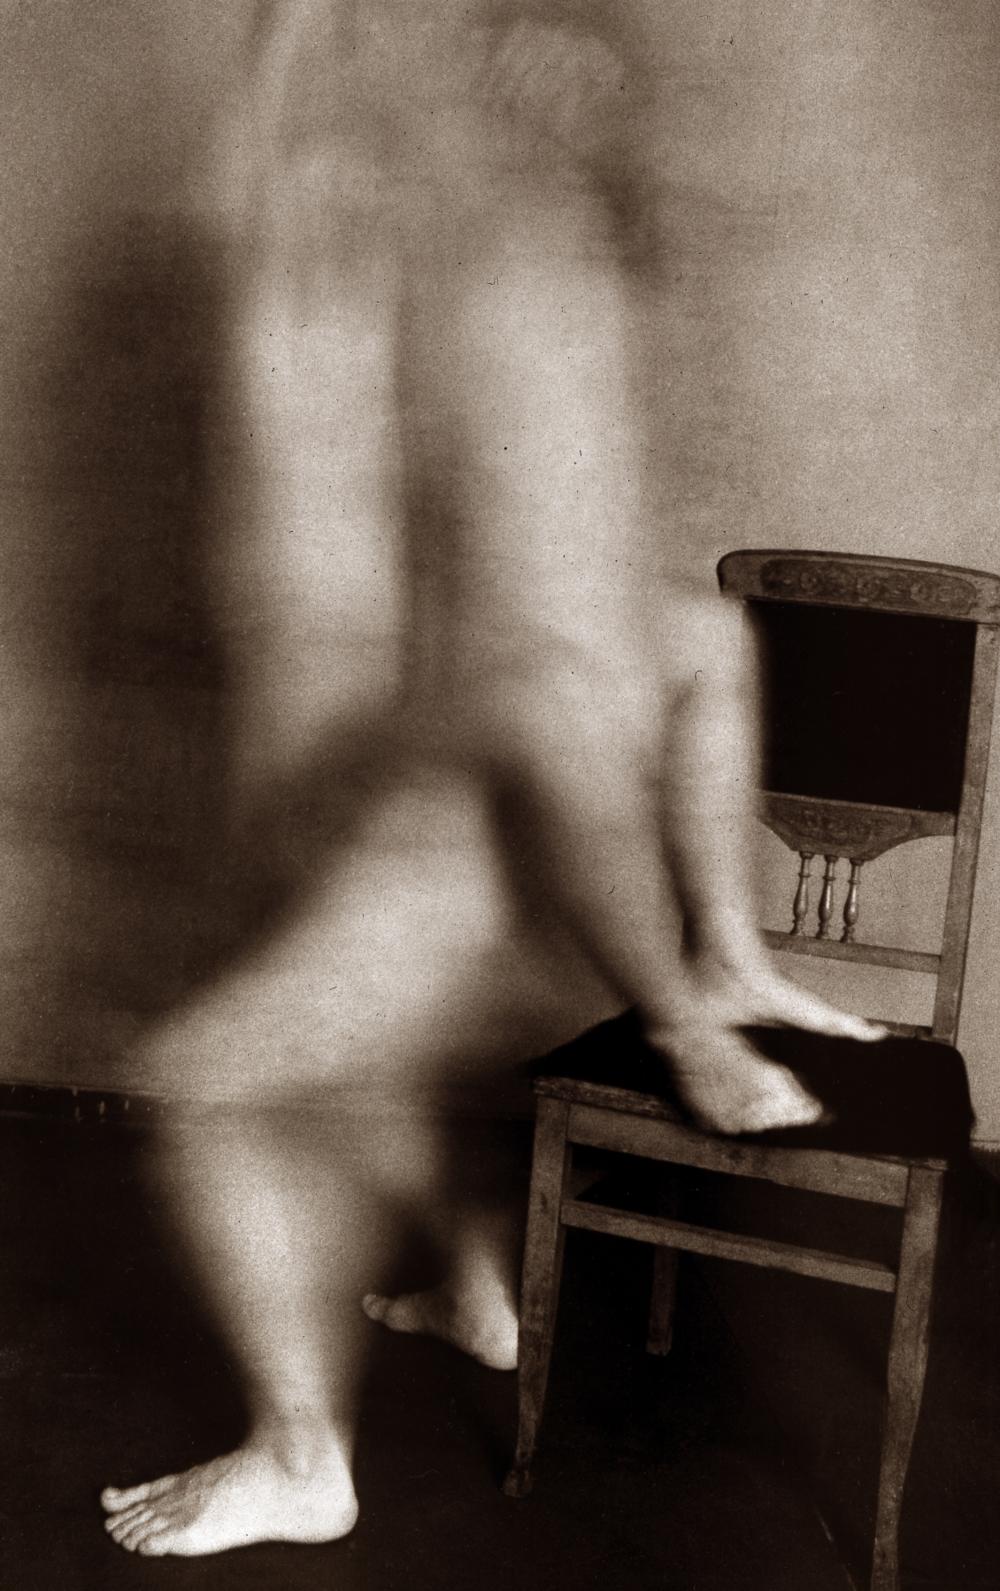 Сергій Солонський. Аркуш серії «Тіло». 1993. Срібно-желатиновий друк. Надано Музеєм харківської школи фотографії